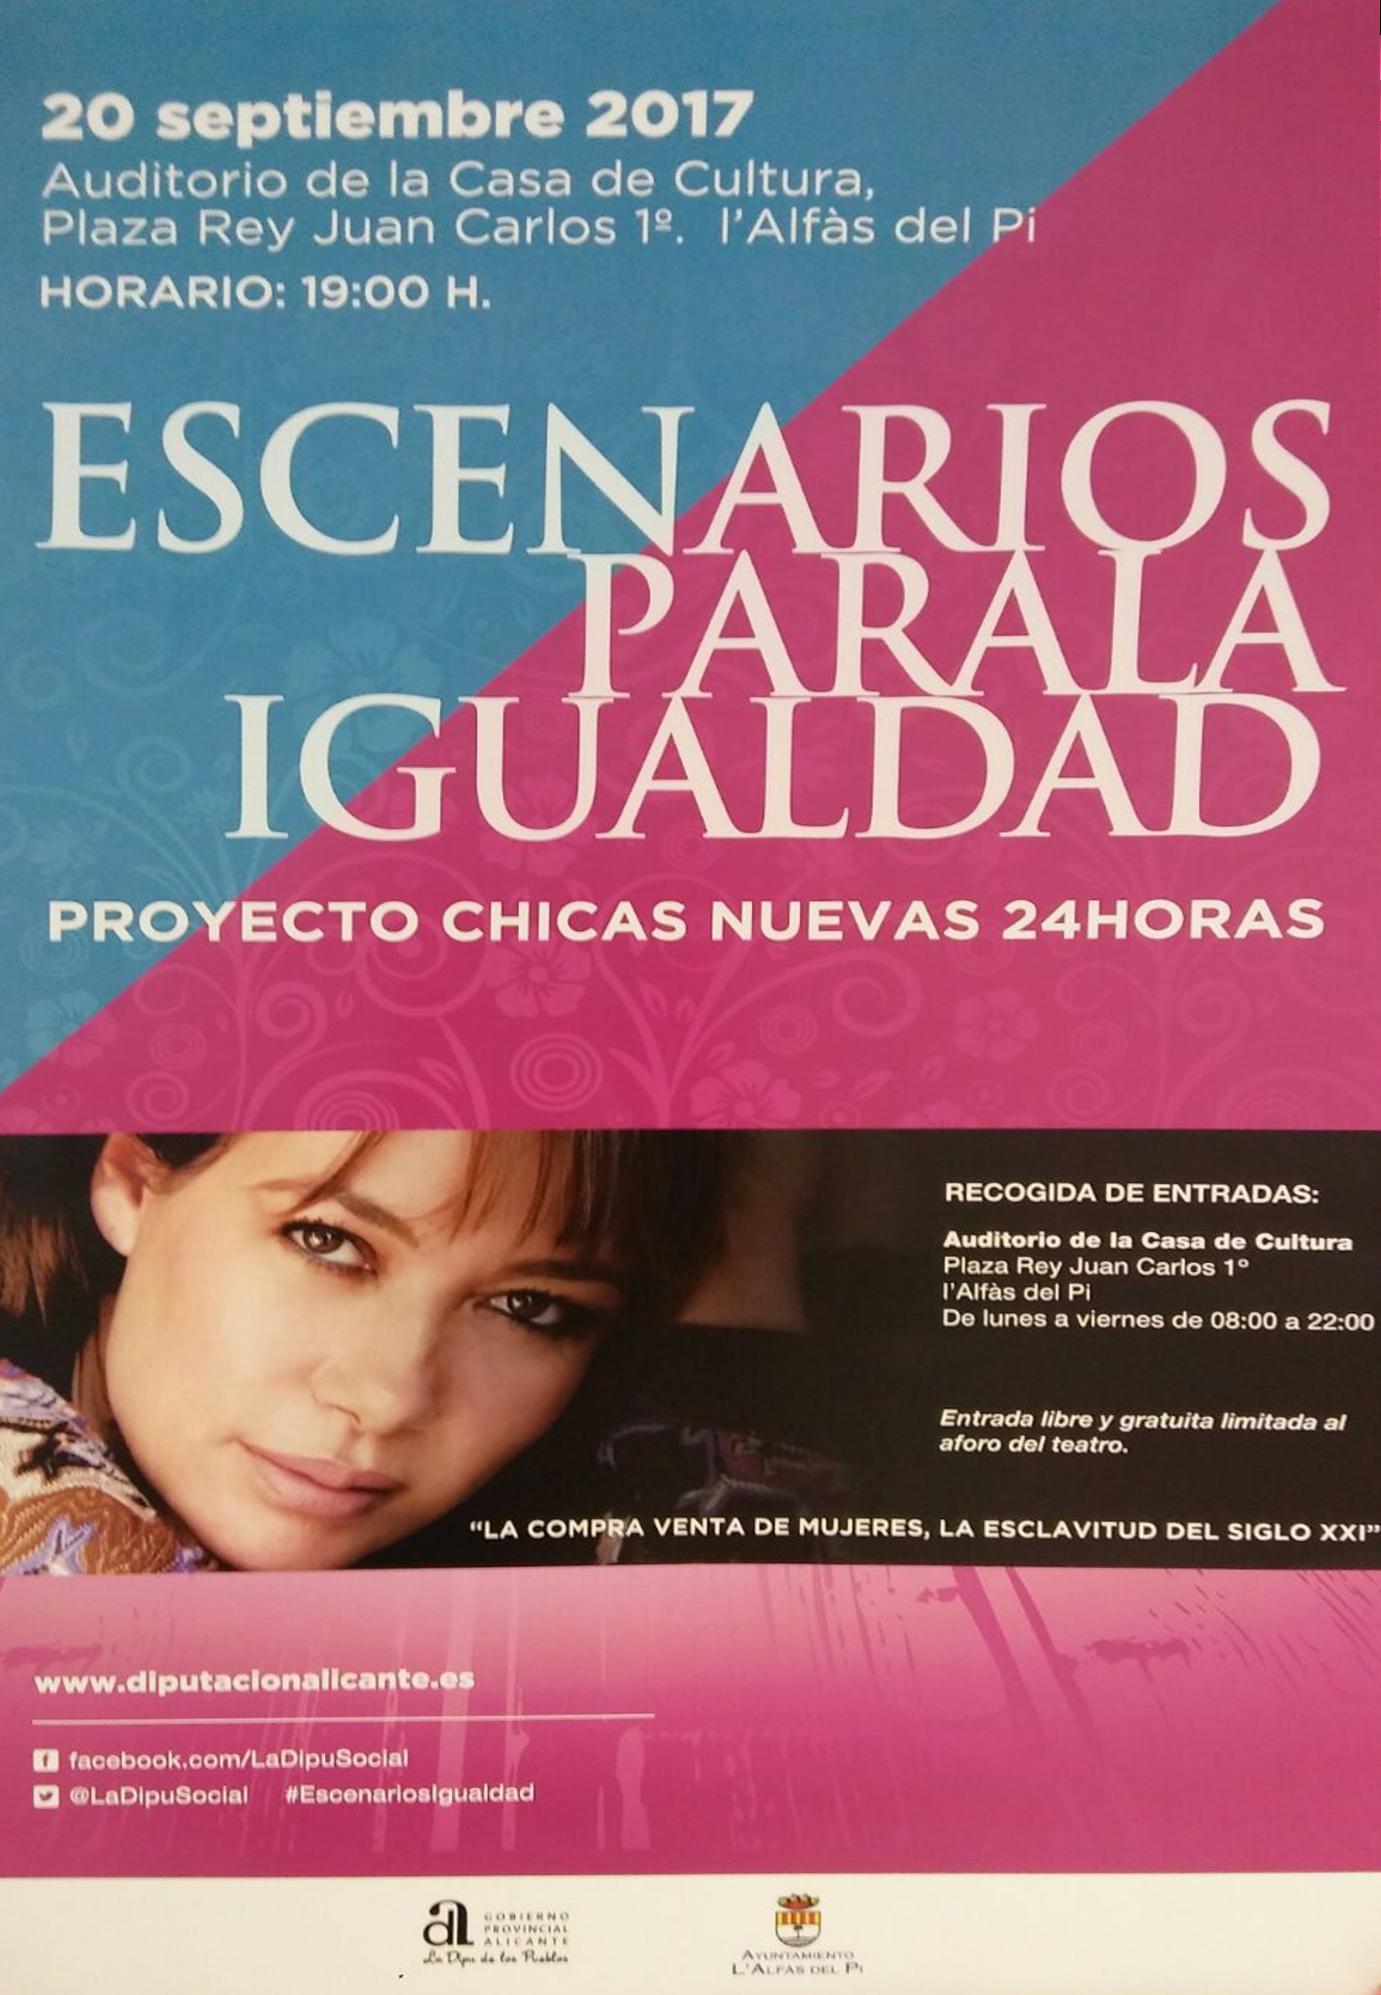 La trata de personas, protagonista en 'Escenarios para la igualdad' en l'Alfàs del Pi